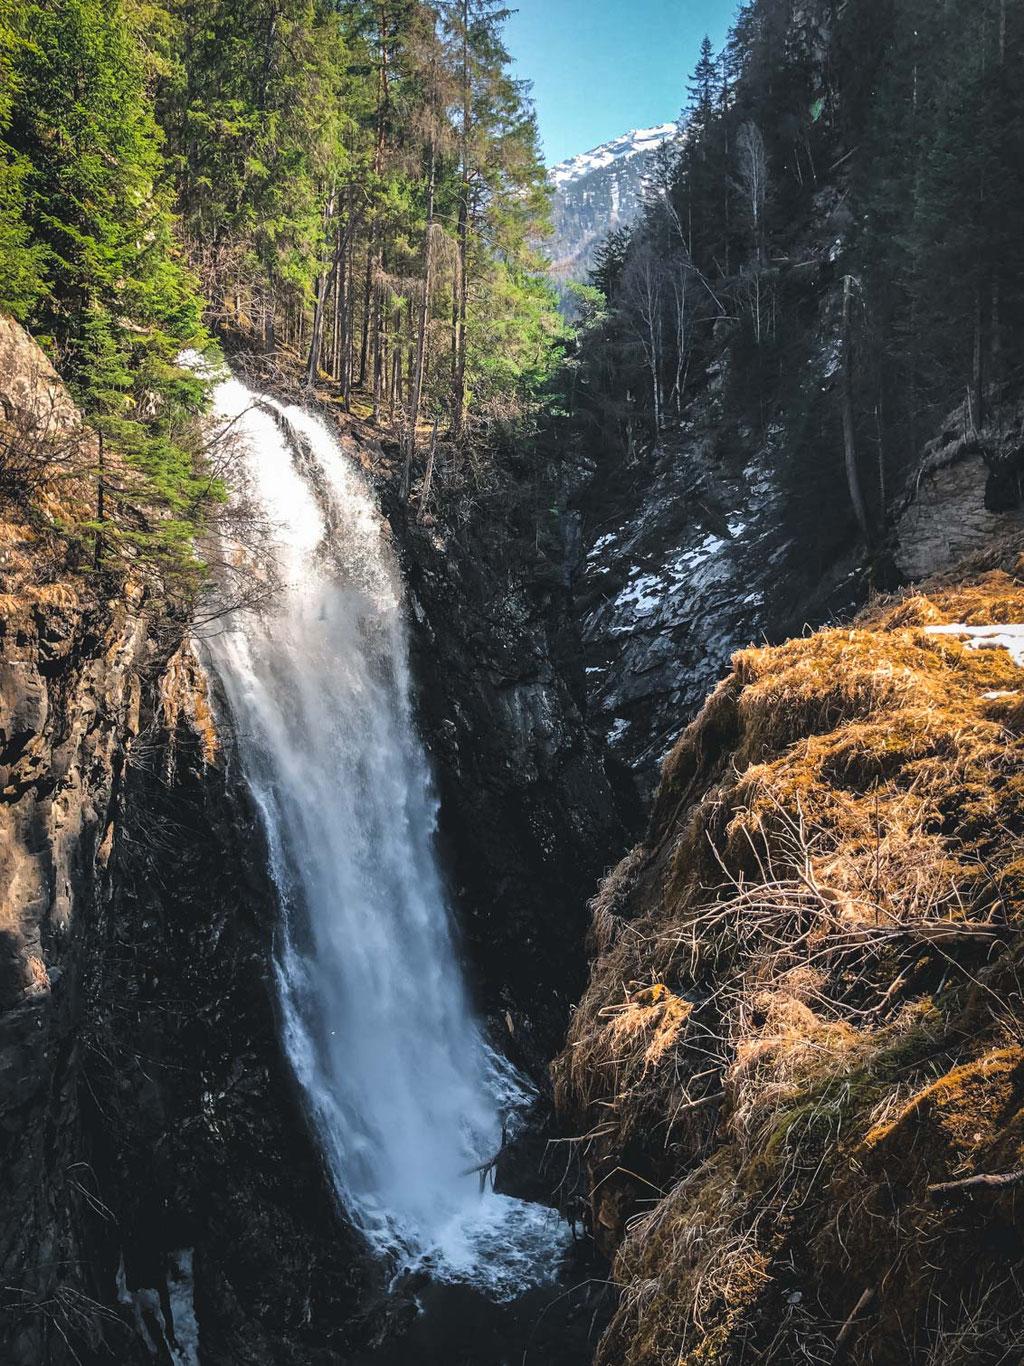 Toblburg, Reinbach Wasserfälle Wasserfall - Sand in Taufers - Ahrntal - Südtirol